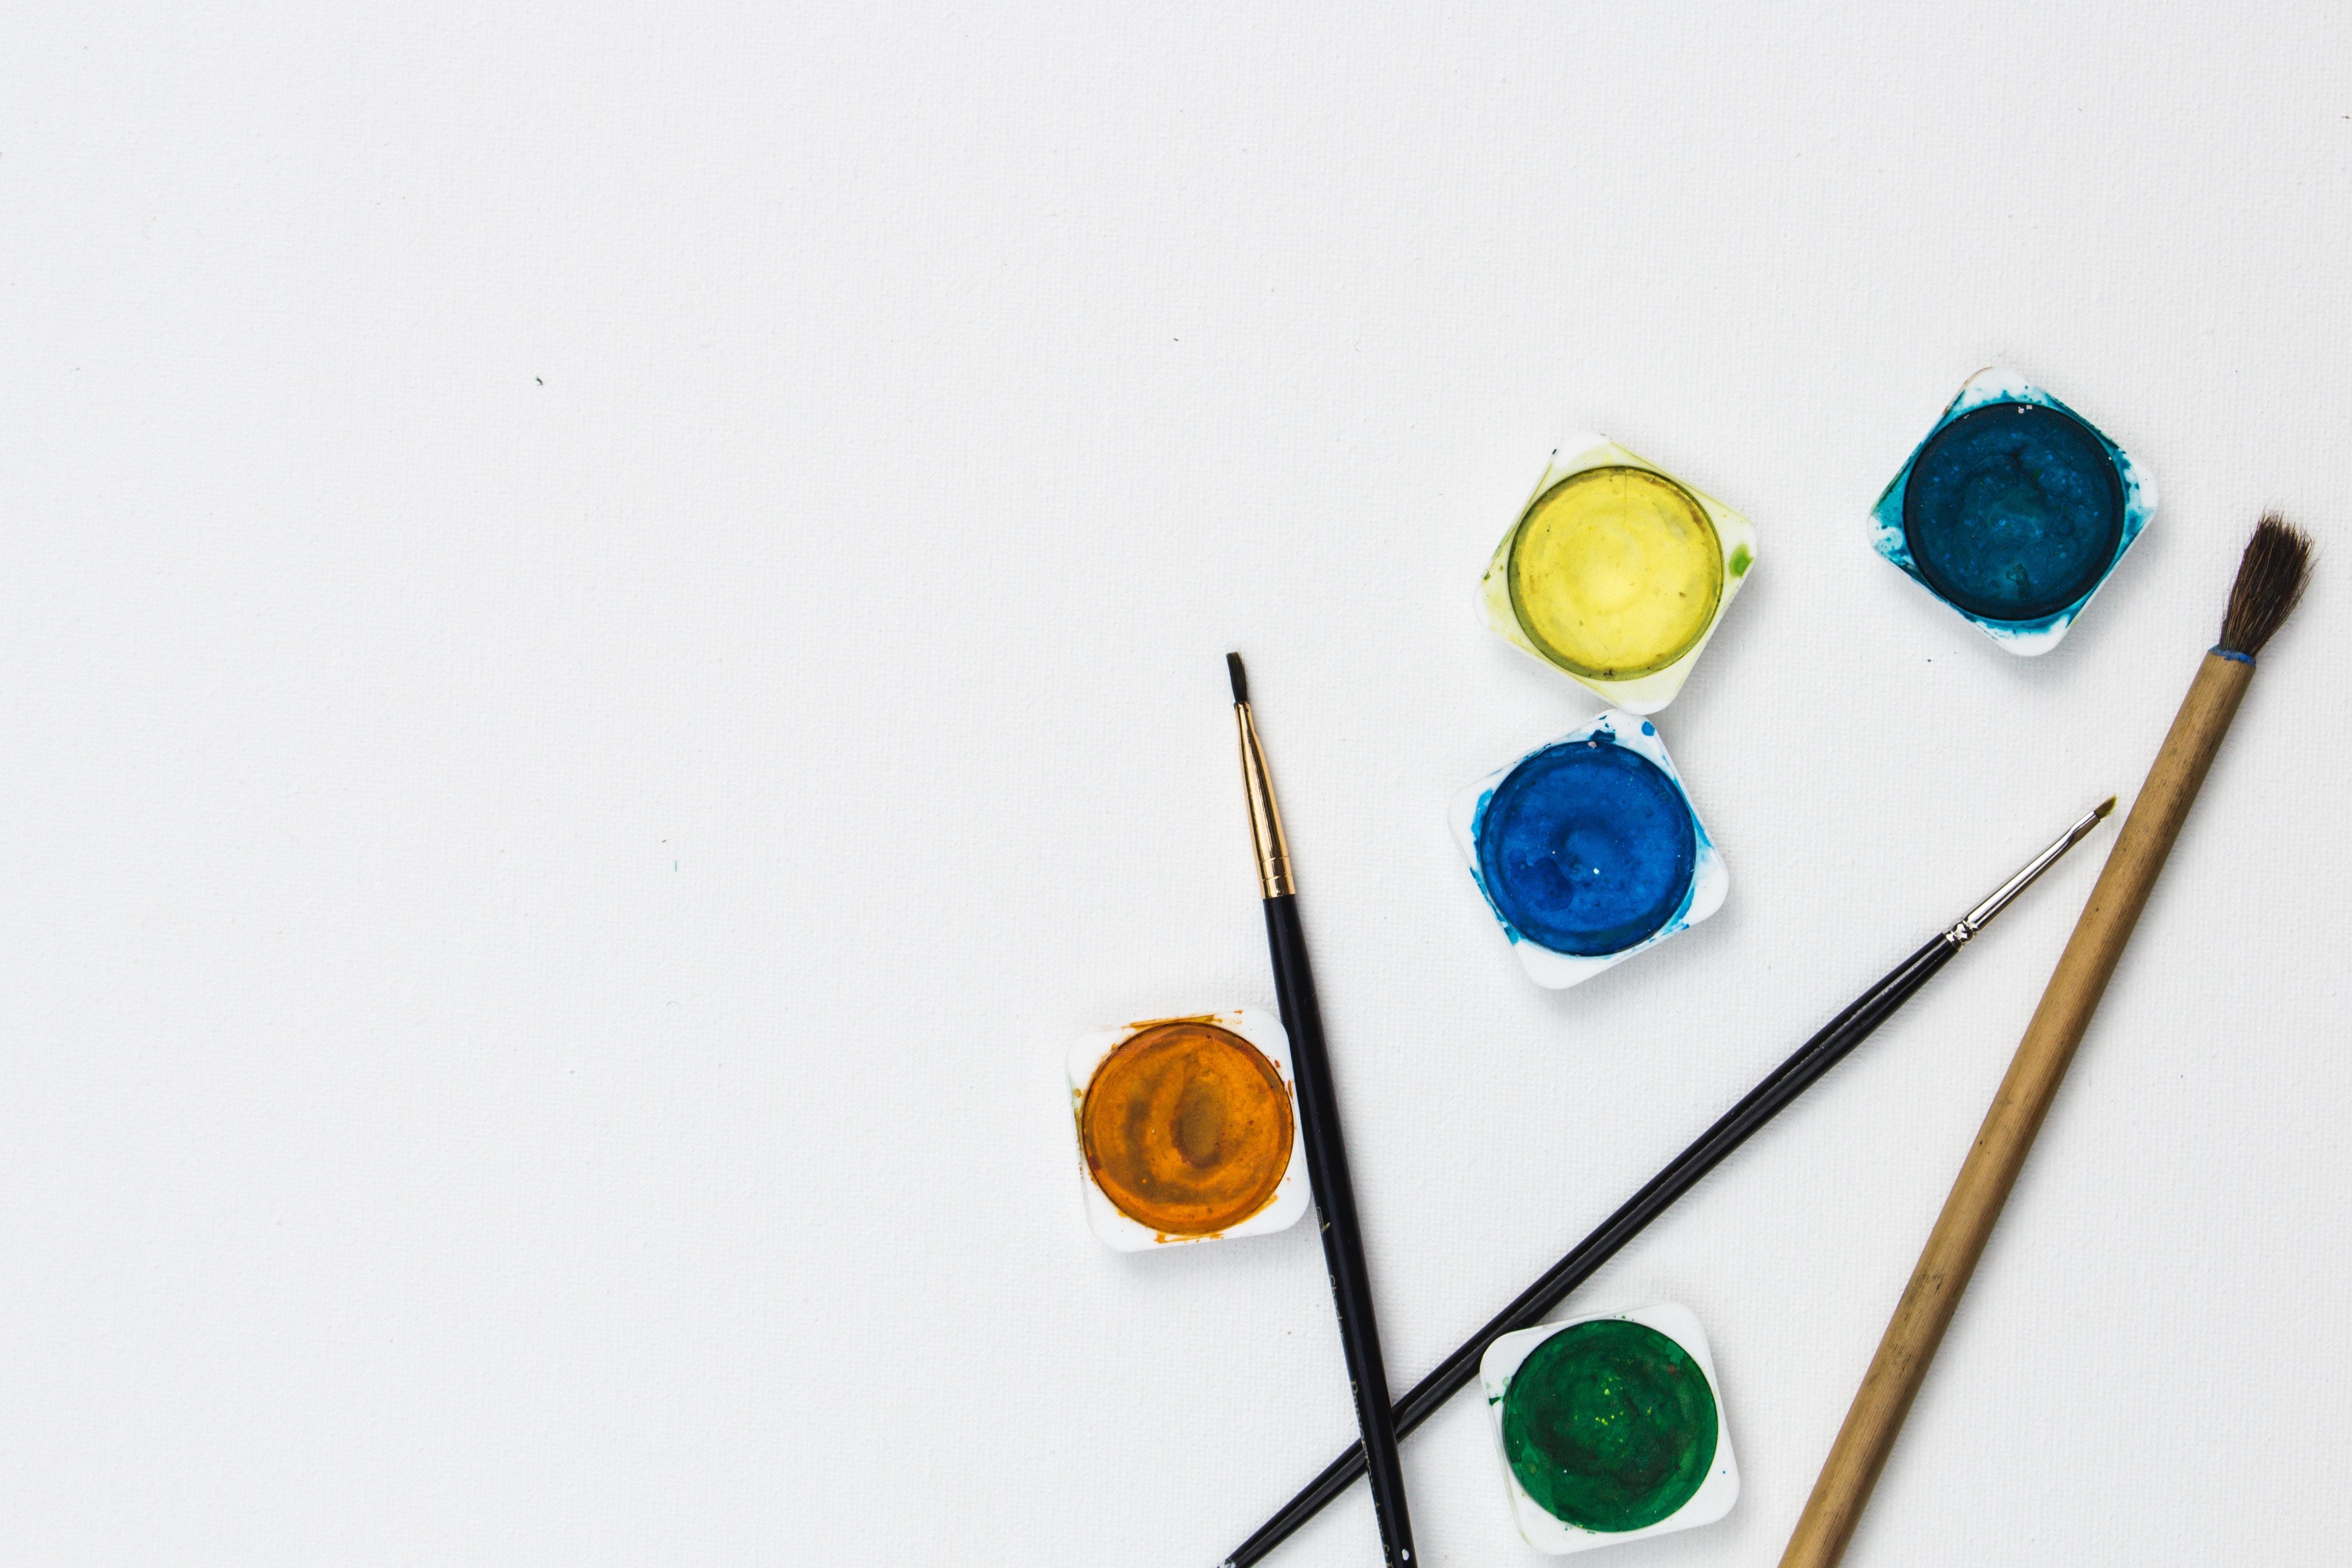 Farbe pinsel kuenstlerischer mitarbeiter.a7117f900210373dacc7dc1637aba9ad7